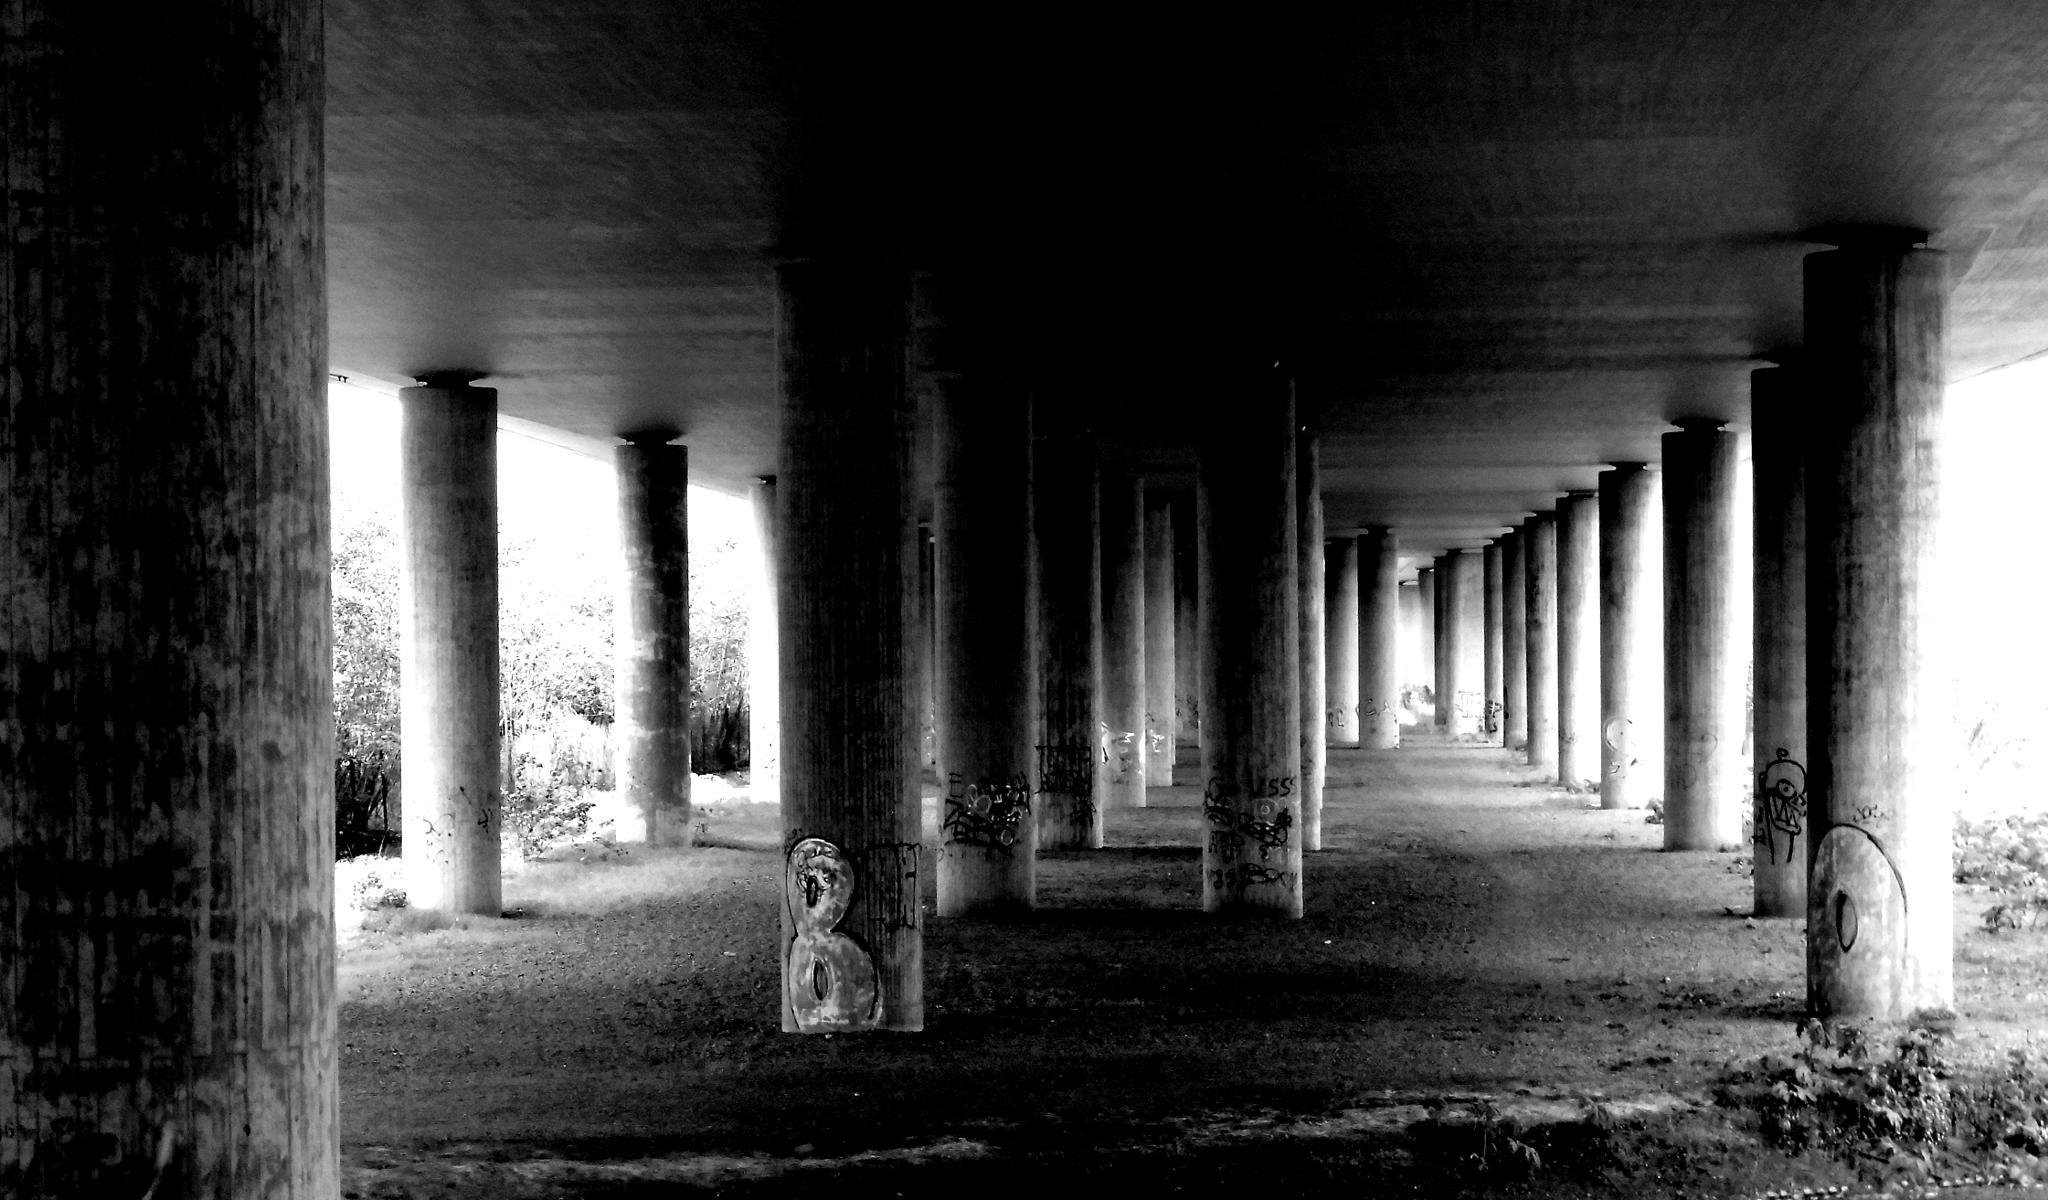 Under the Highway by reinhard.tenzler